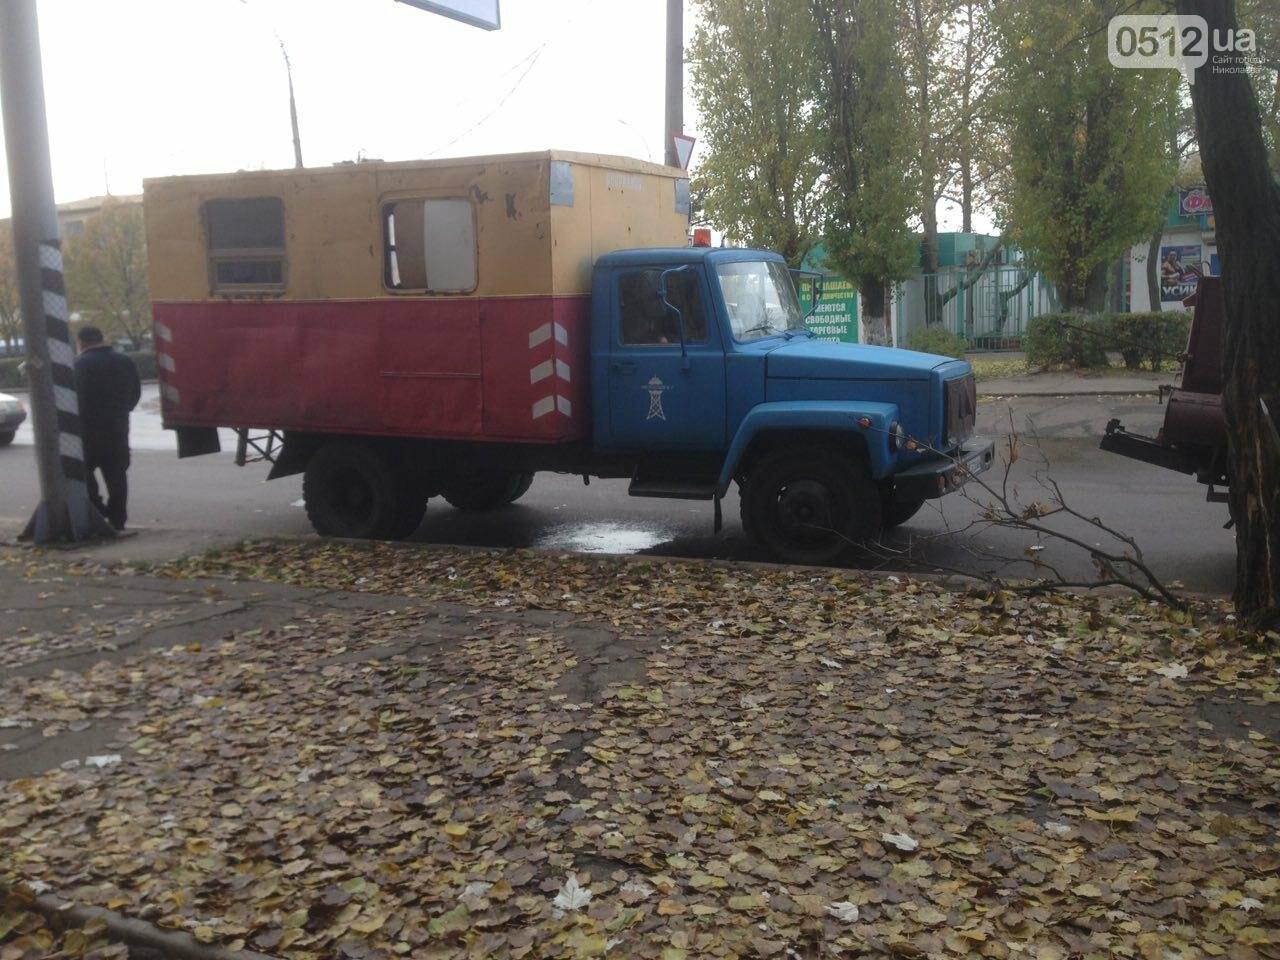 """В Николаеве жилой дом в очередной раз затопило водой - сотрудники """"водоканала"""" разводят руками, фото-5"""